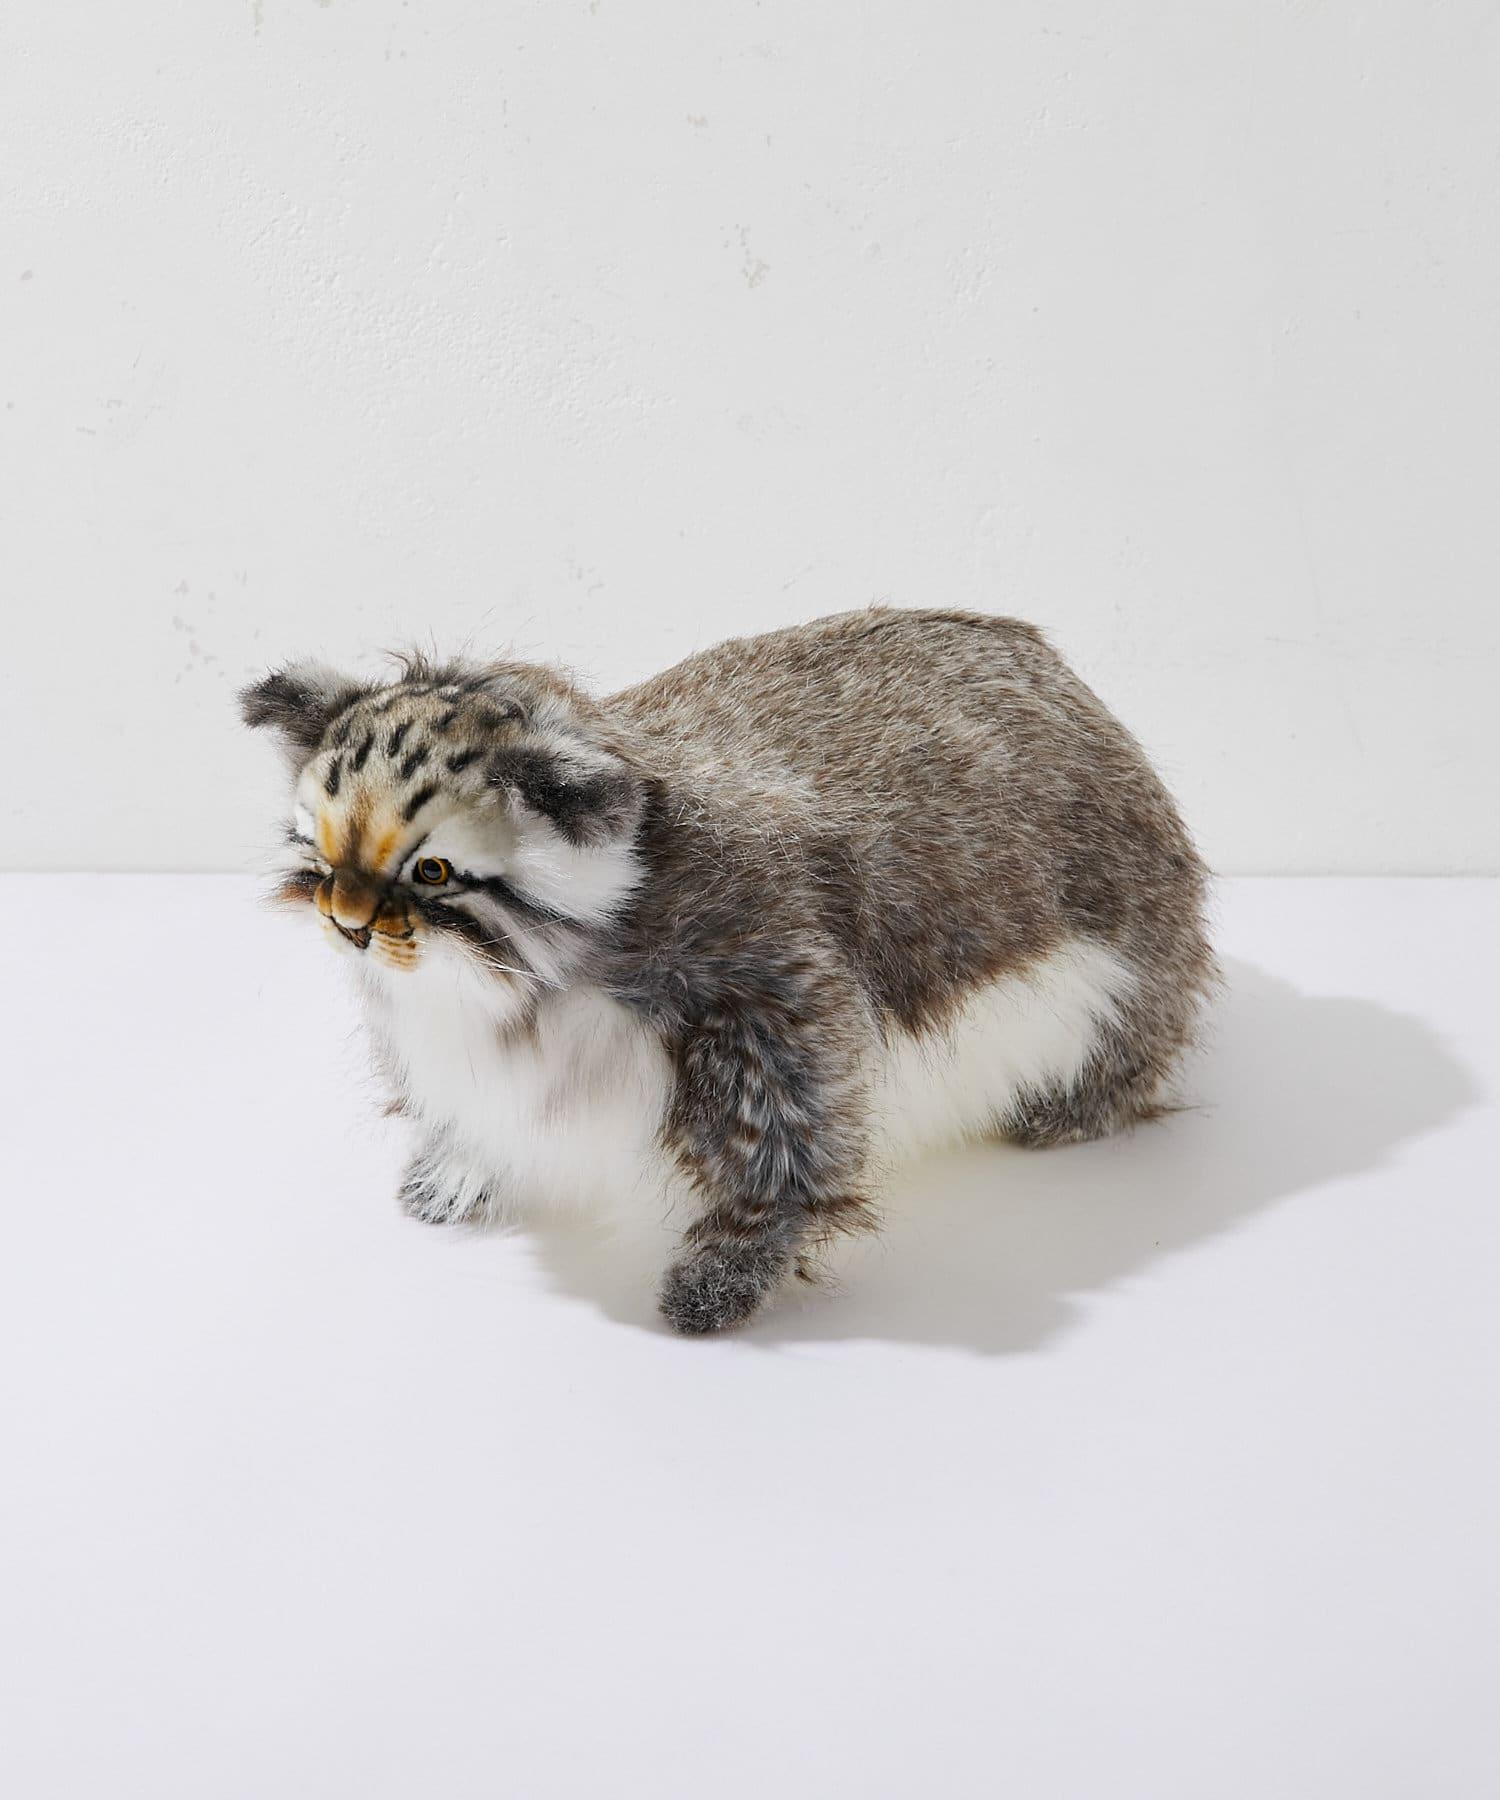 BONbazaar(ボンバザール) ライフスタイル 【HANSA】マヌルネコ PALLAS CAT カラーなし